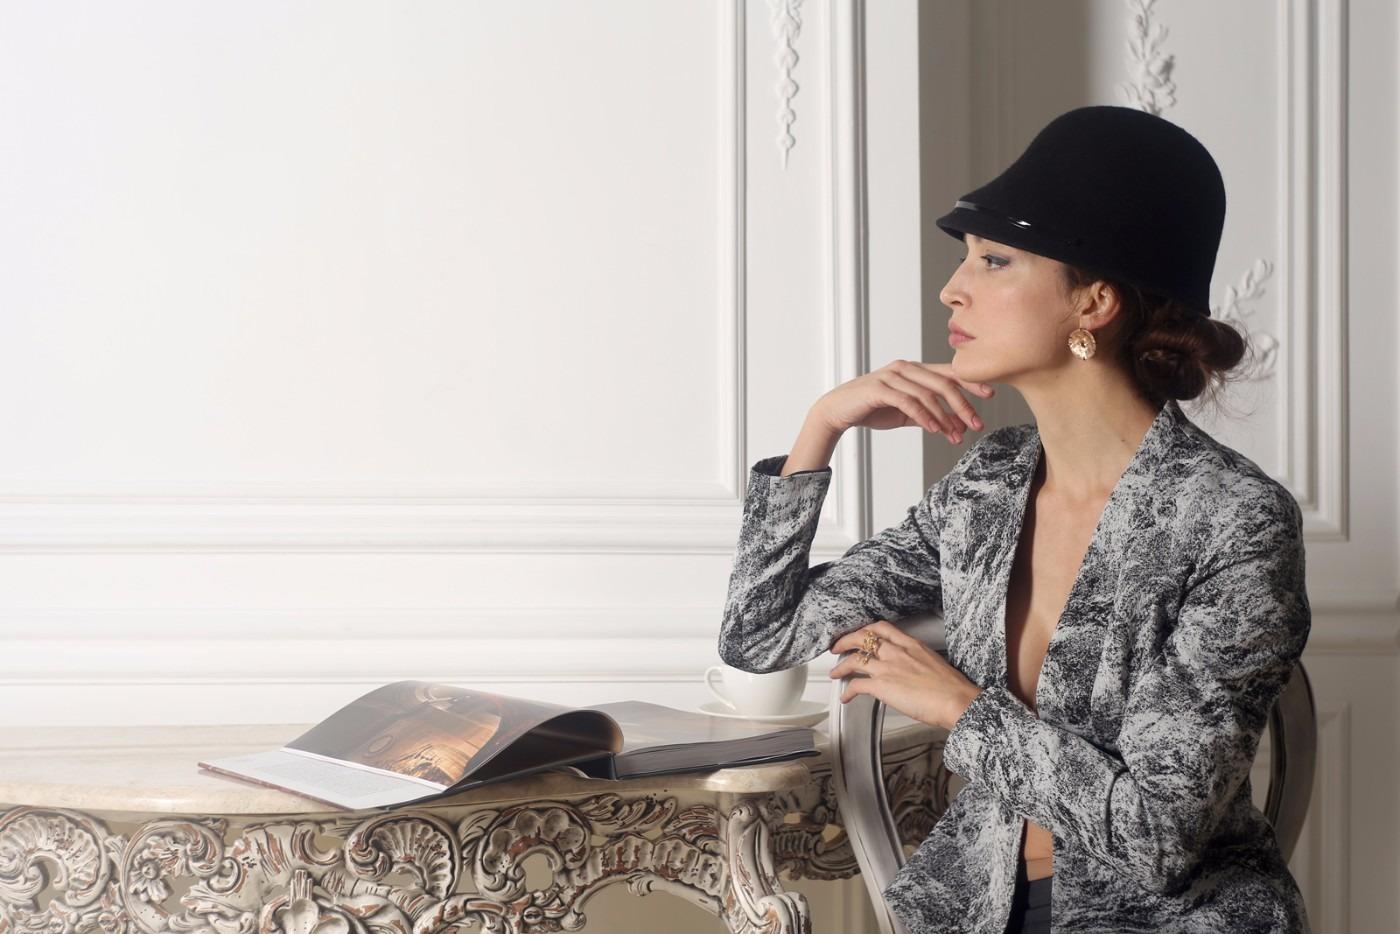 Лилия Гуреева в проекте Музы Алхимии (Alchemia Jewellery Muses)